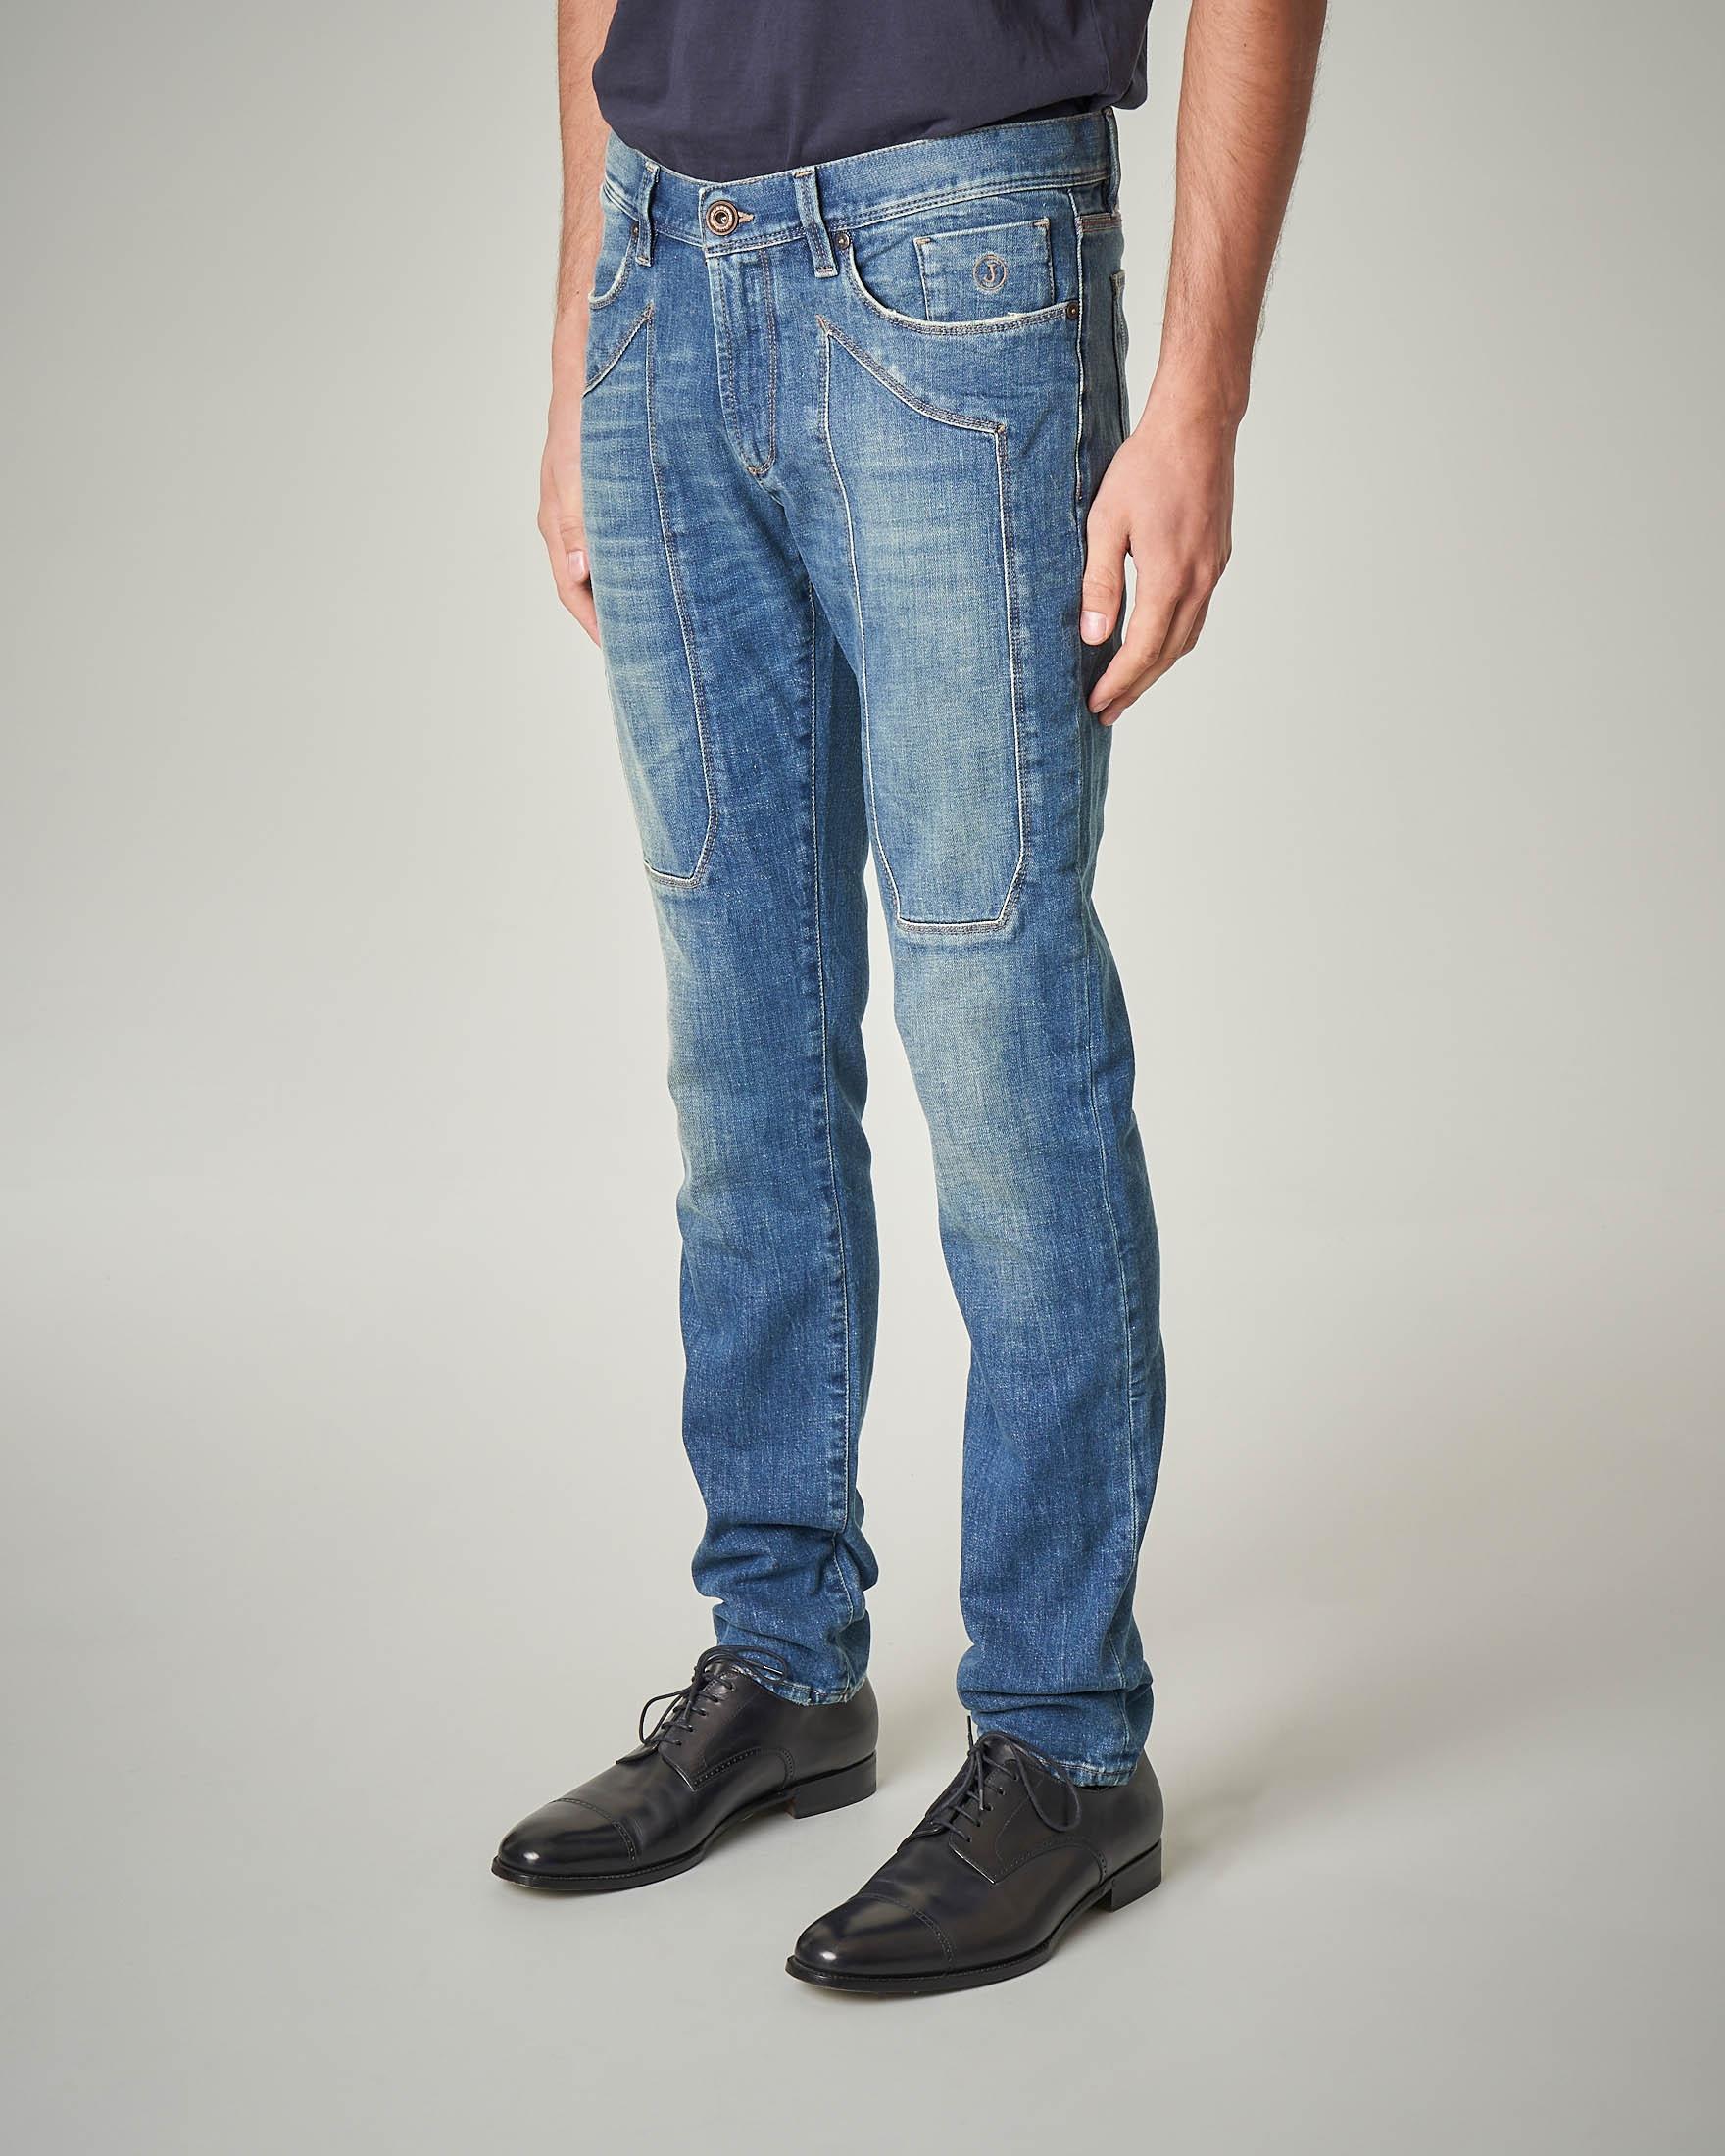 Jeans lavaggio chiaro con toppa